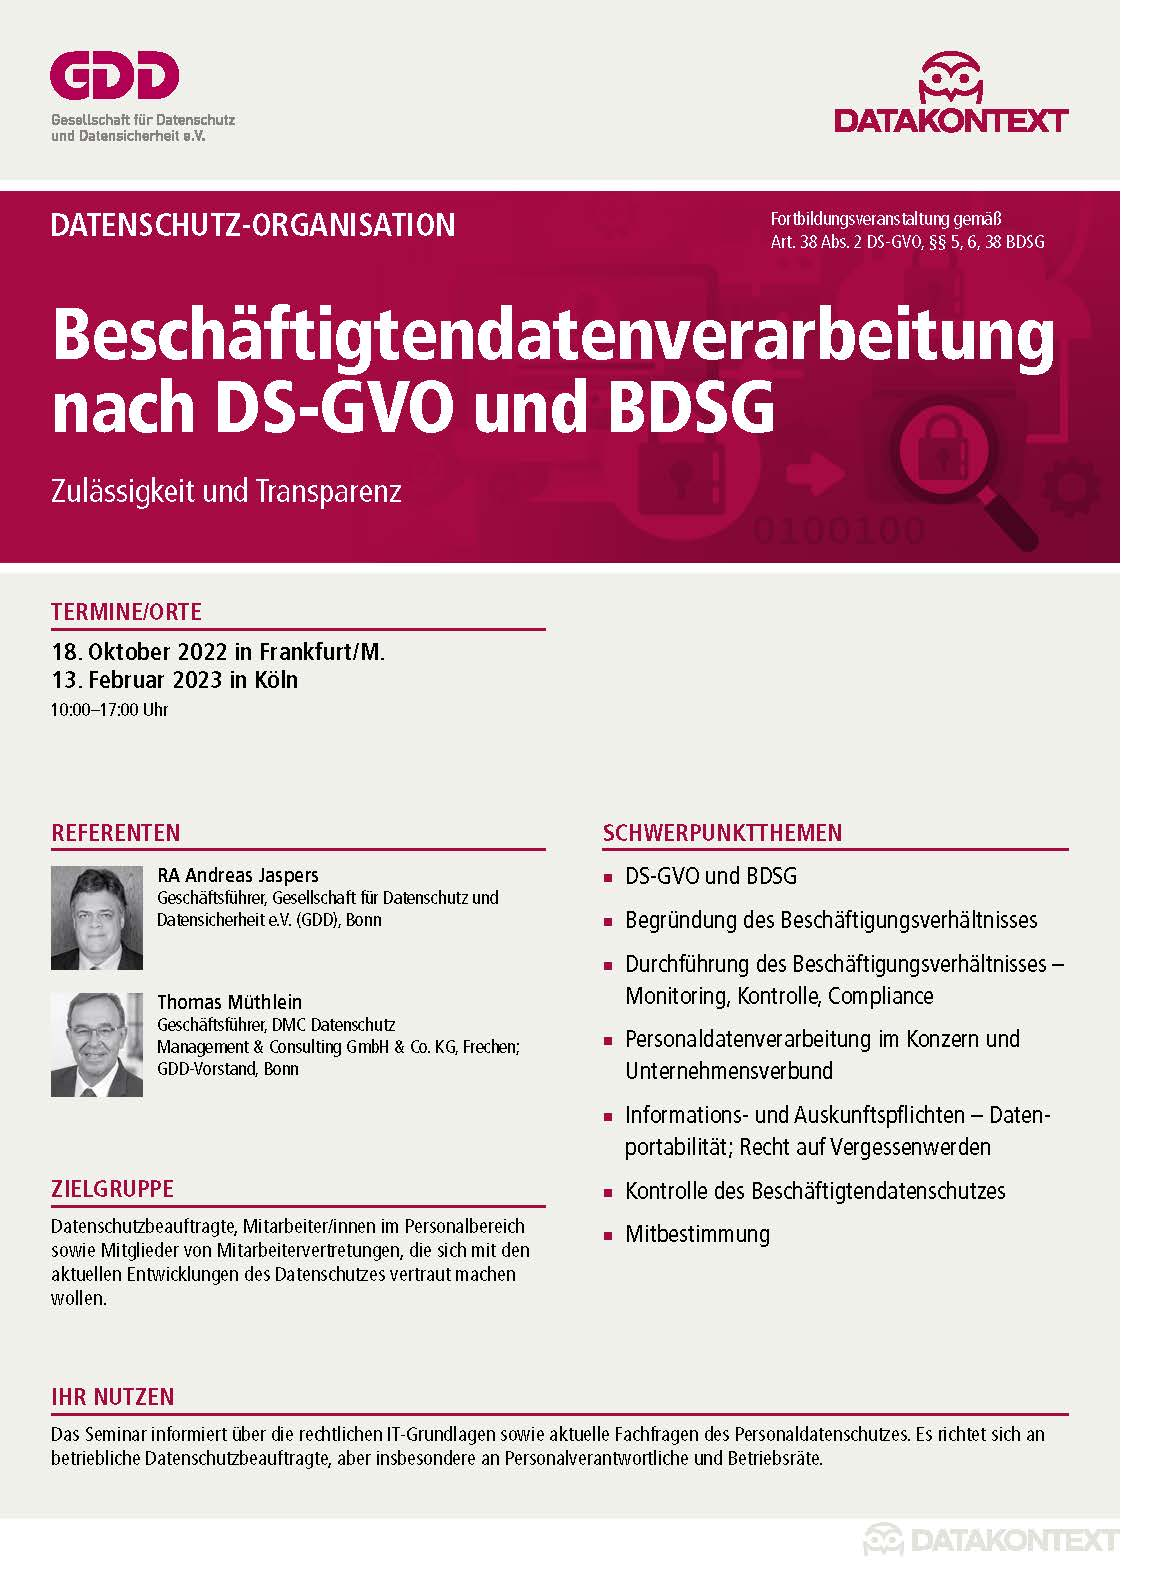 Beschäftigtendatenverarbeitung nach DS-GVO und BDSG